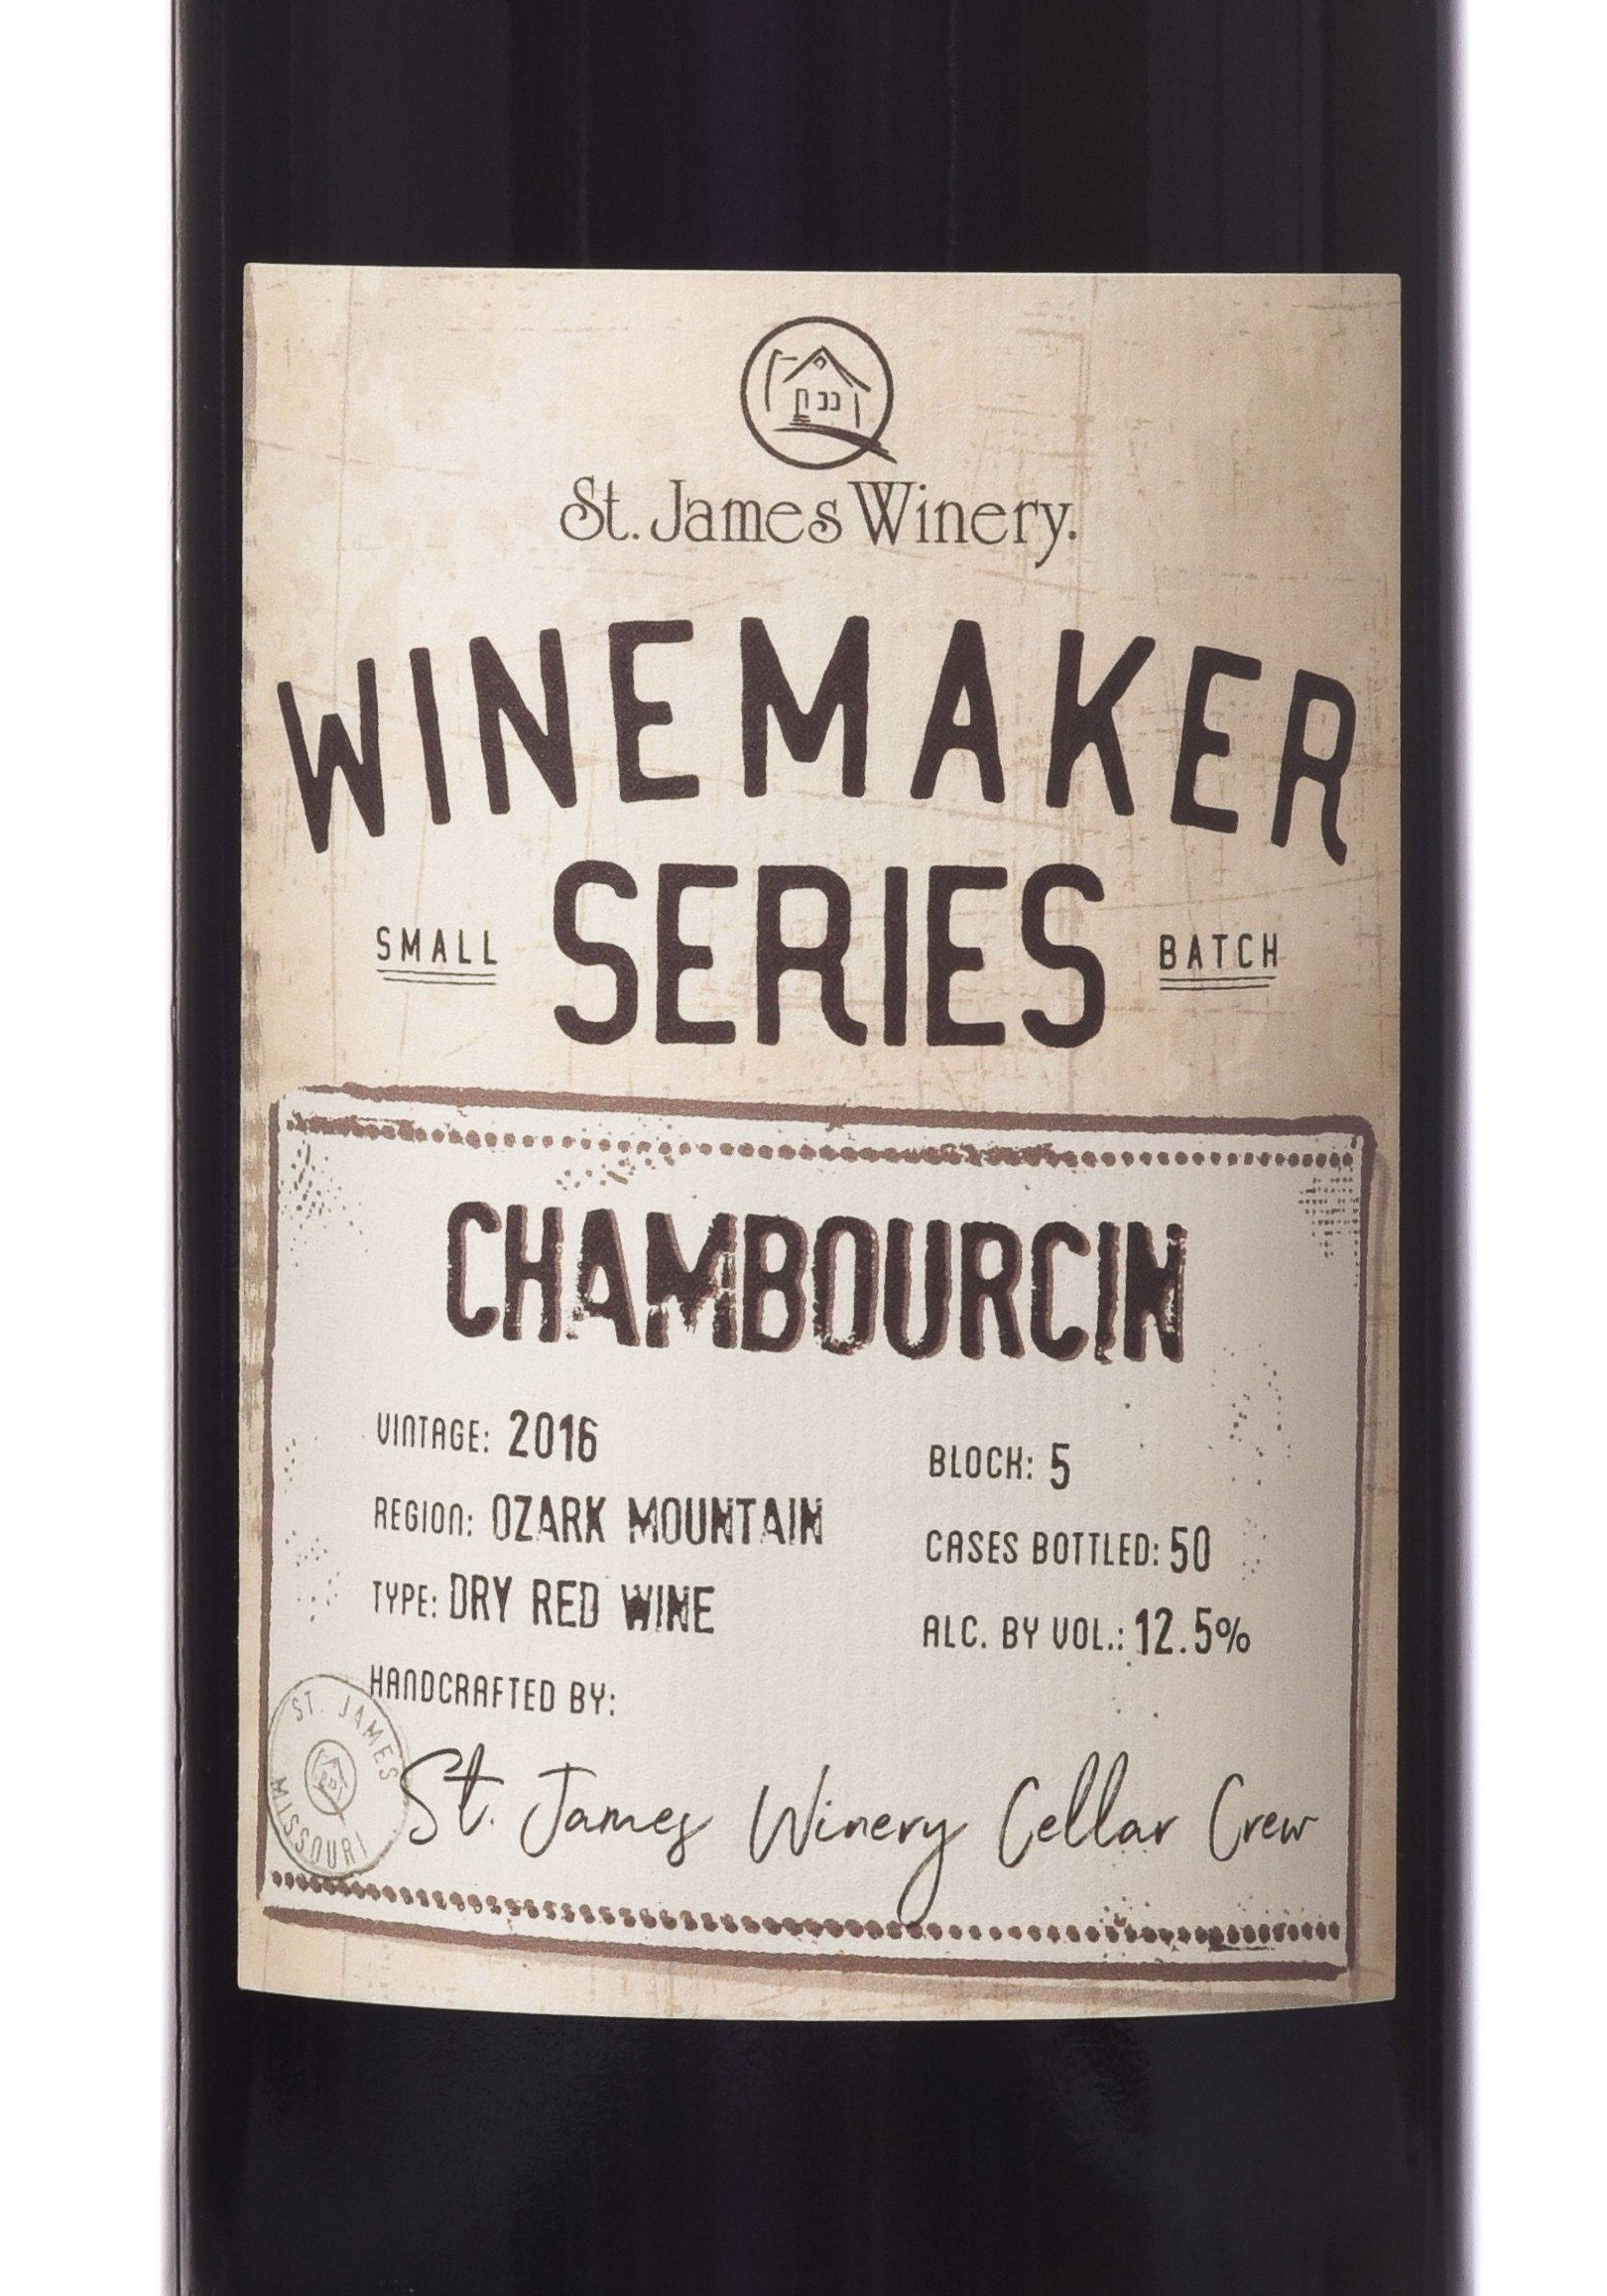 Winemaker Series Chambourcin label